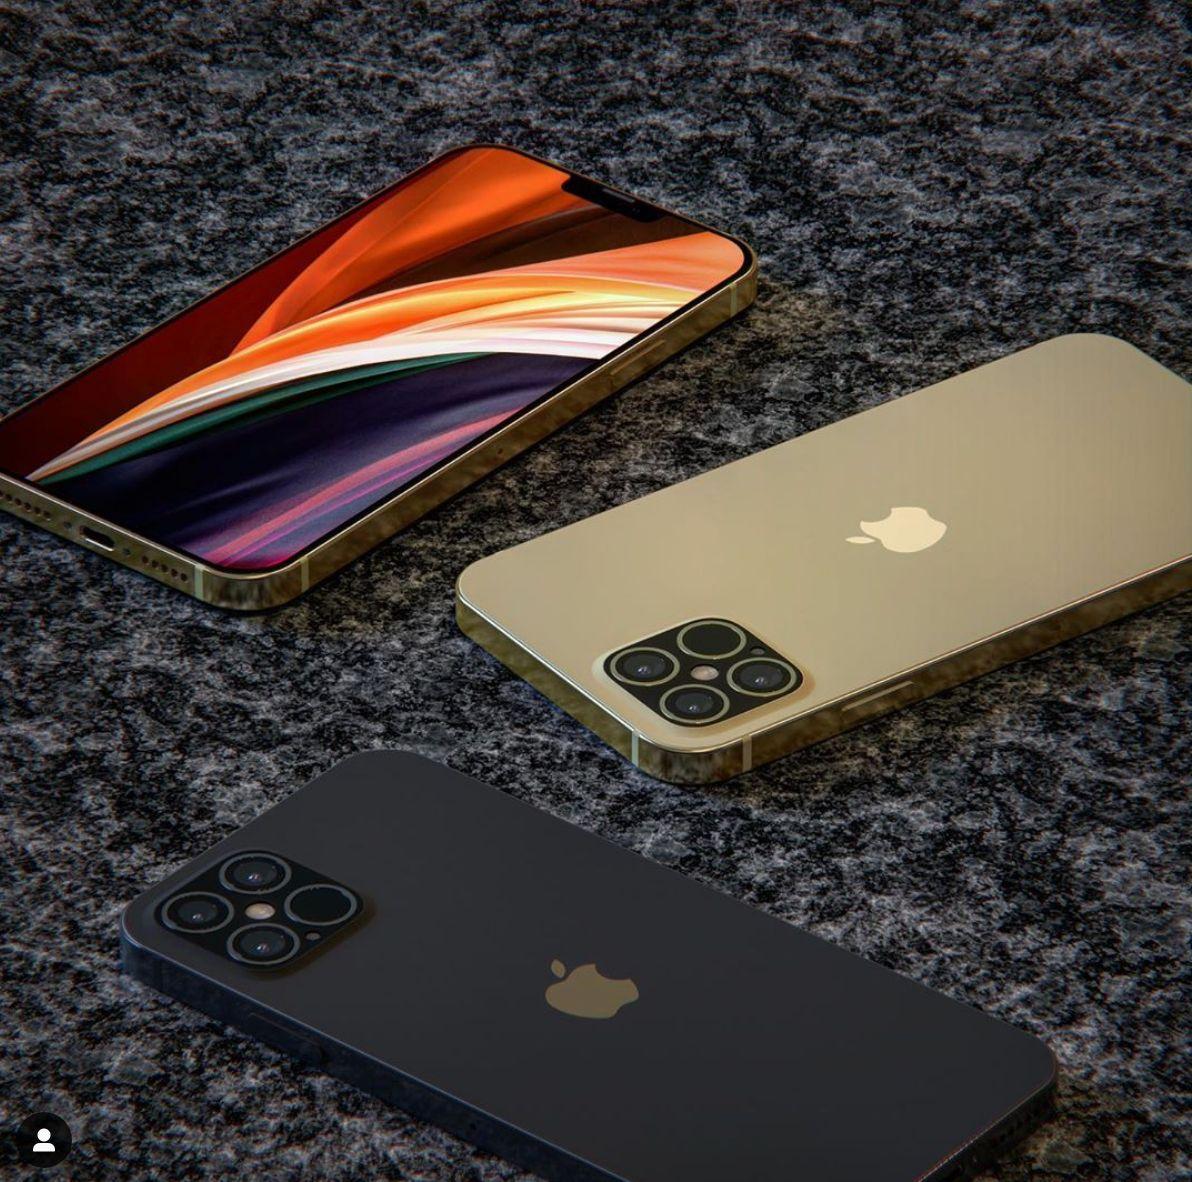 Les nouveaux Iphones devraient être compatibles avec la